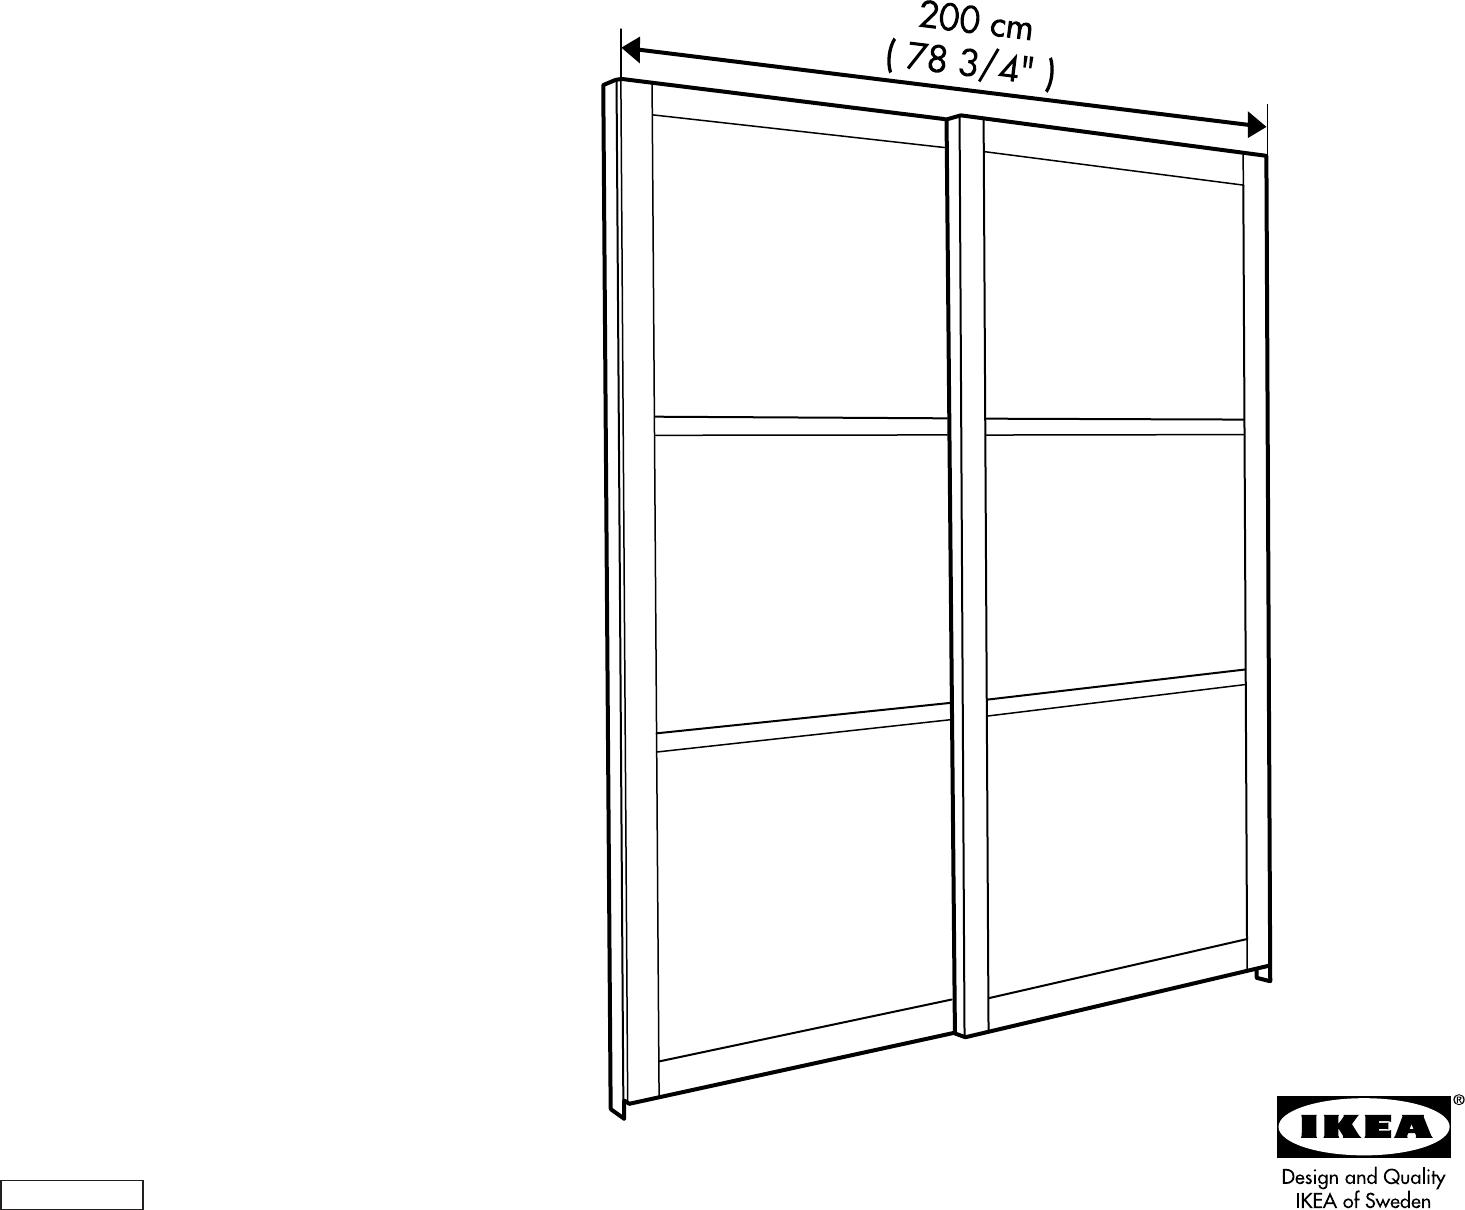 Schuifdeuren Ikea Pax.Handleiding Ikea Pax Hakadal Schuifdeuren Pagina 1 Van 12 Dansk